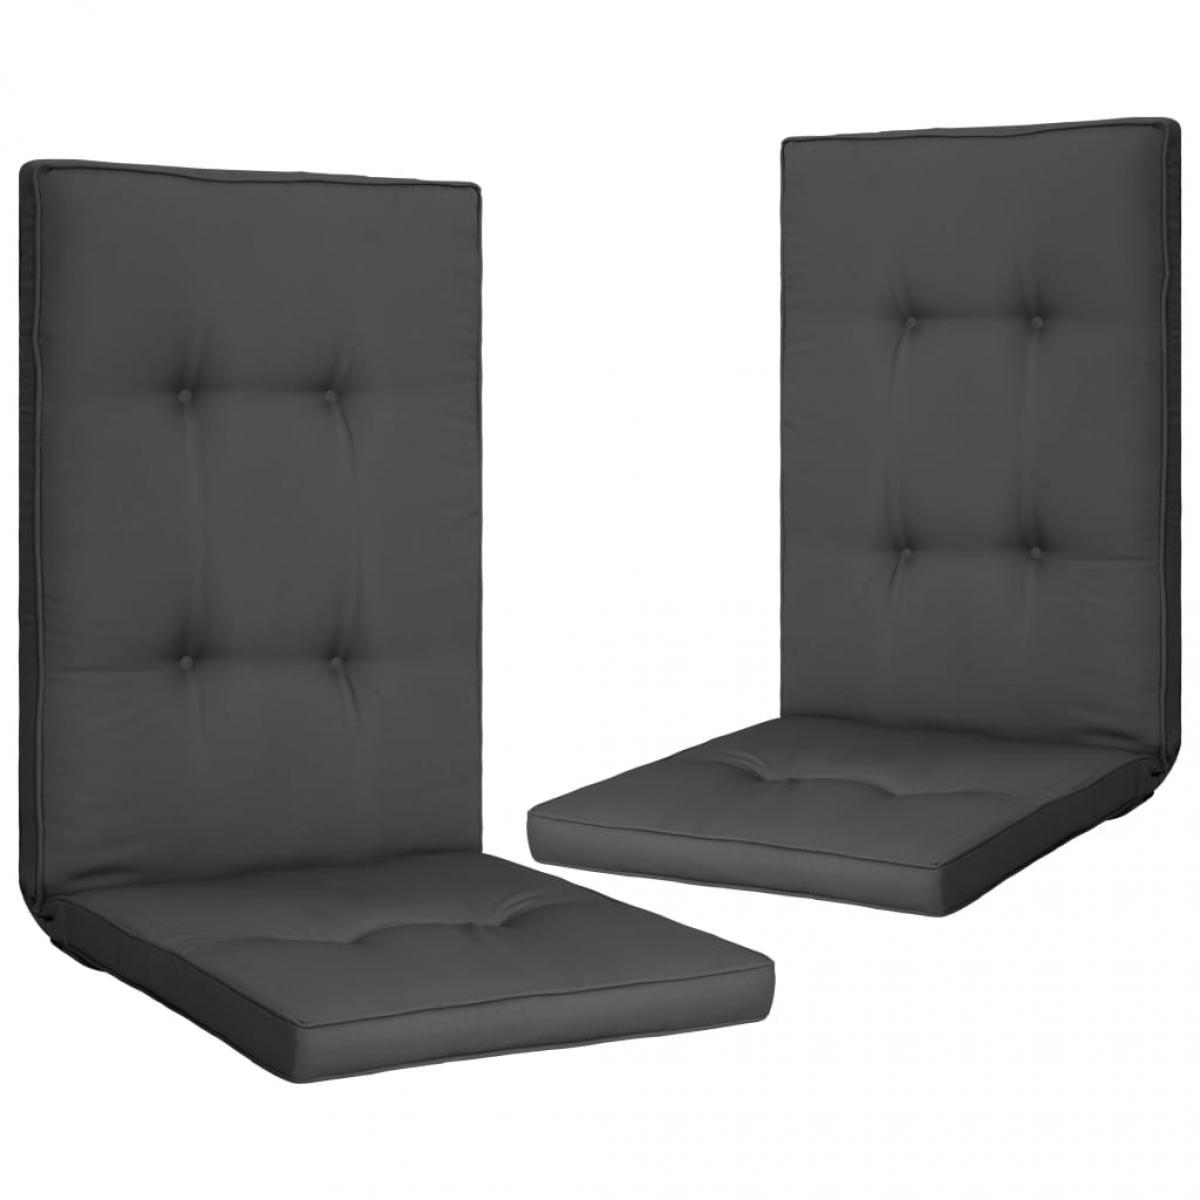 Vidaxl vidaXL Coussins de chaise de jardin 2 pcs Anthracite 120x50x5 cm